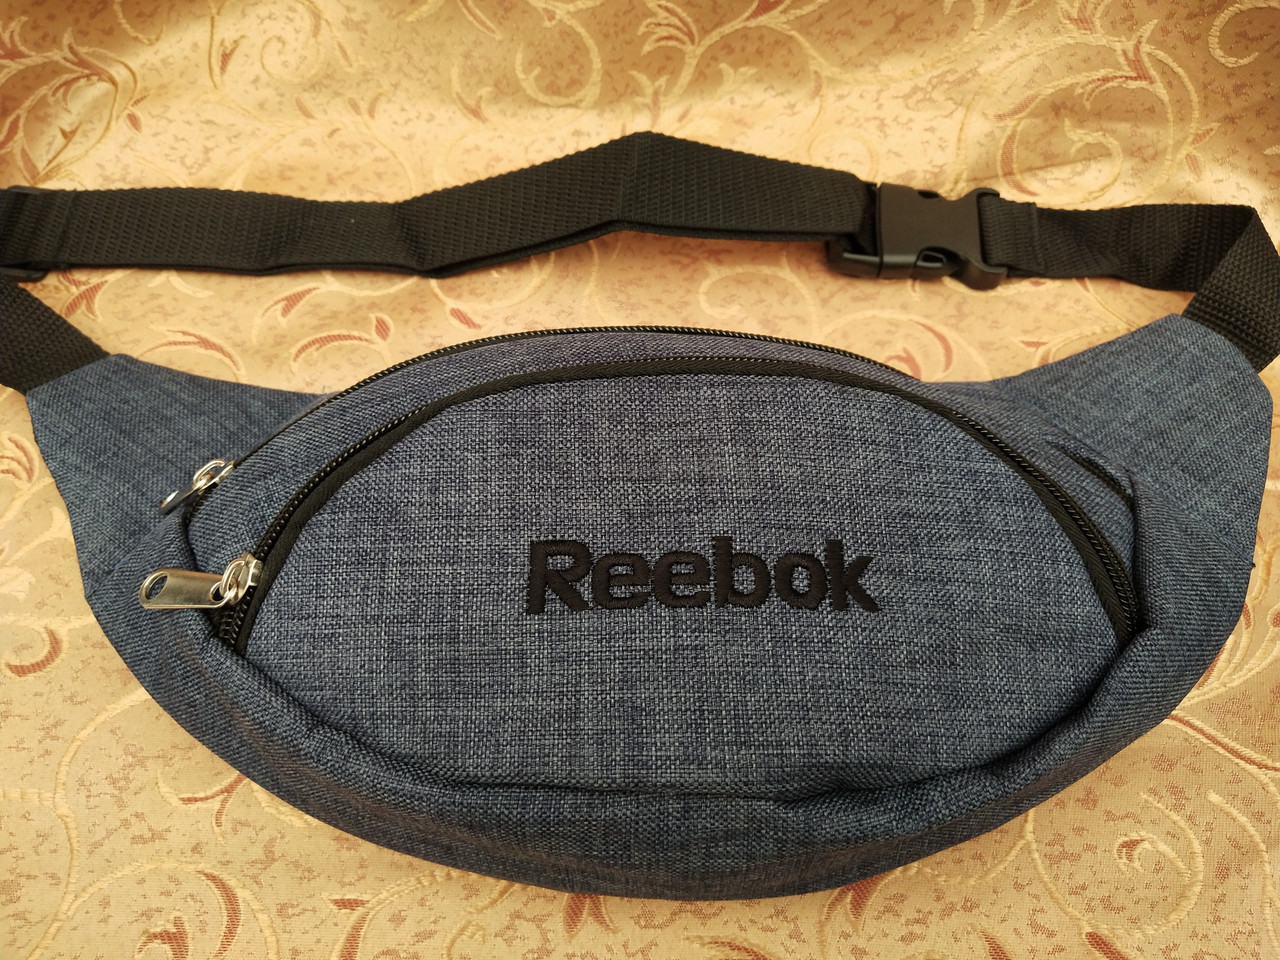 Сумка на пояс reebok ткань мессенджер pvc спортивные барсетки сумка бананка только опт